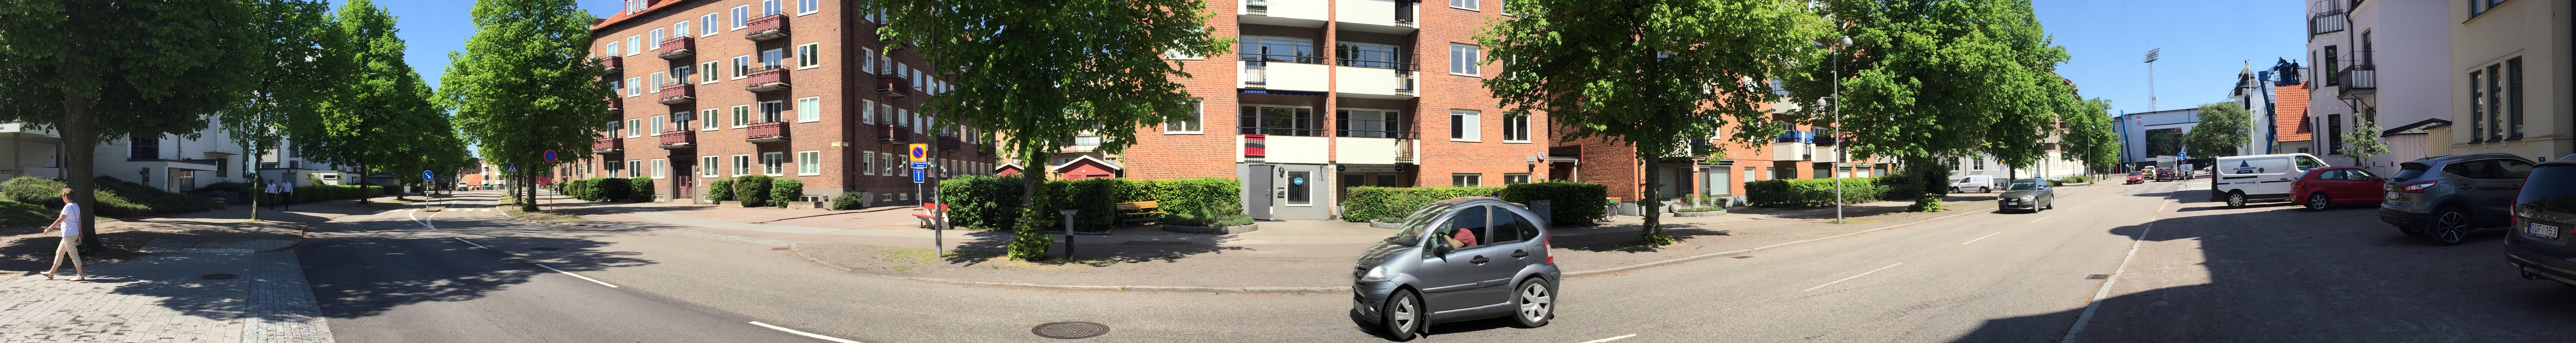 Jennbert - Tandläkare i Helsingborg